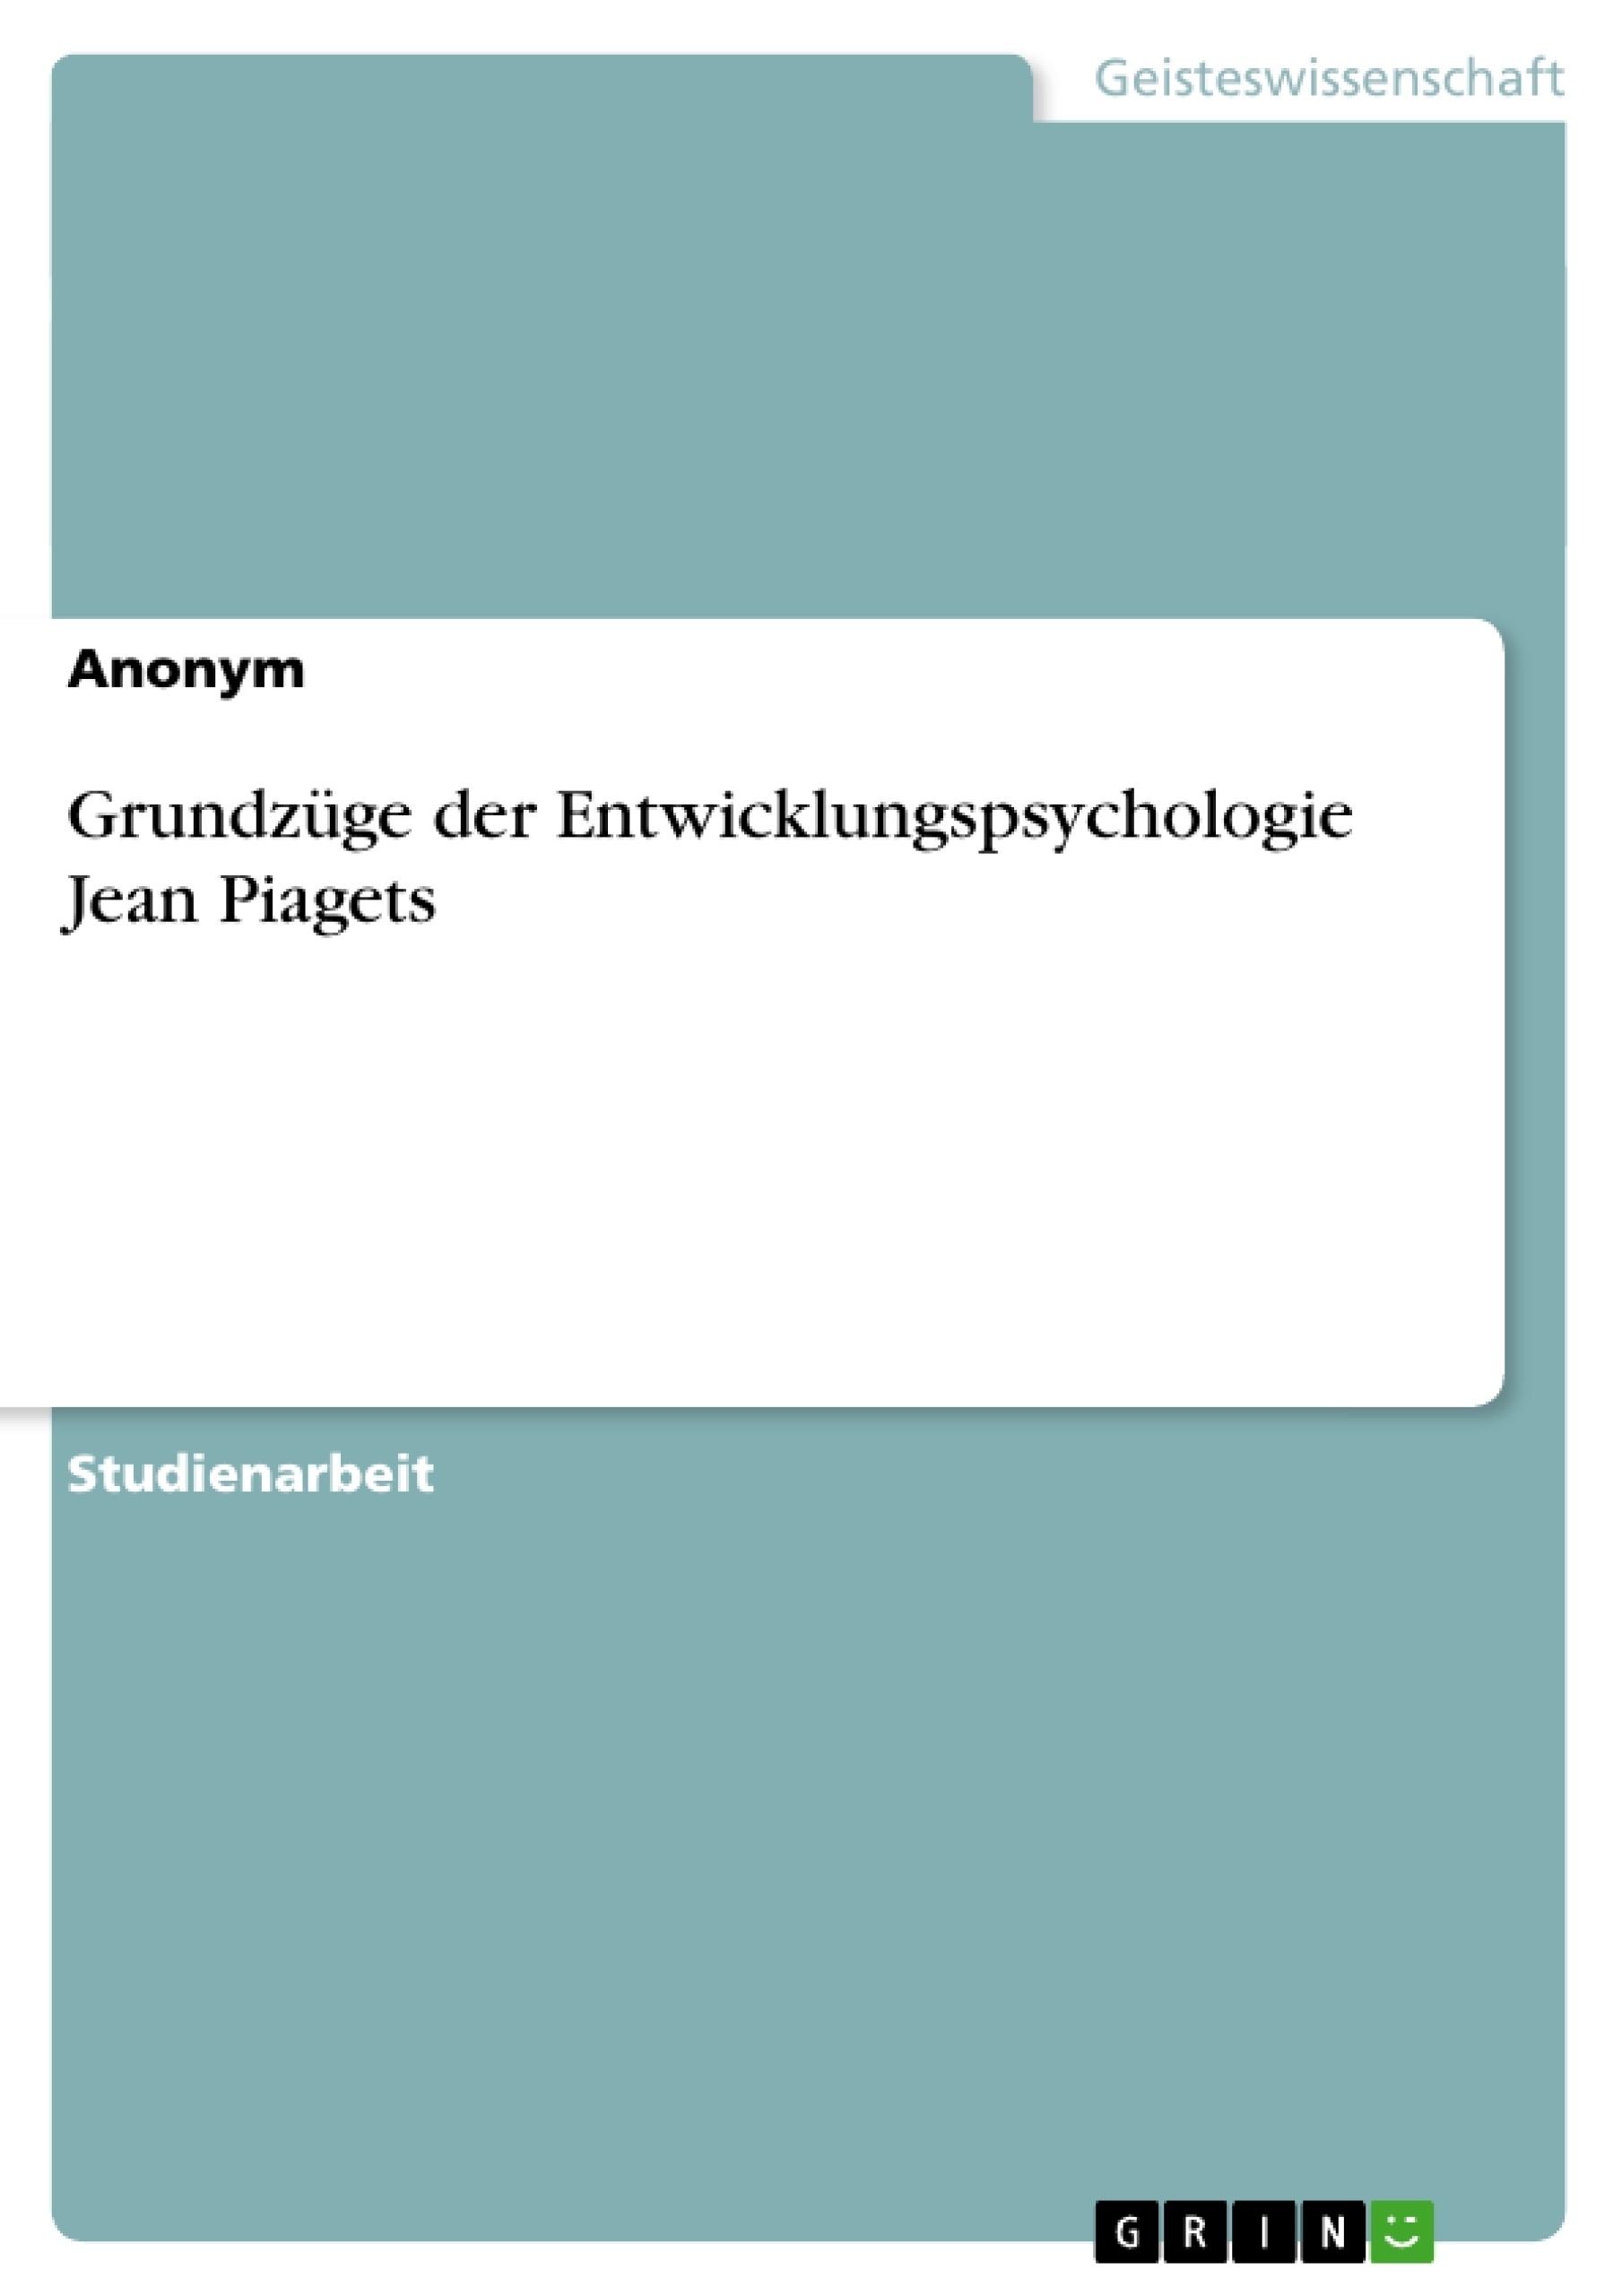 Titel: Grundzüge der Entwicklungspsychologie Jean Piagets